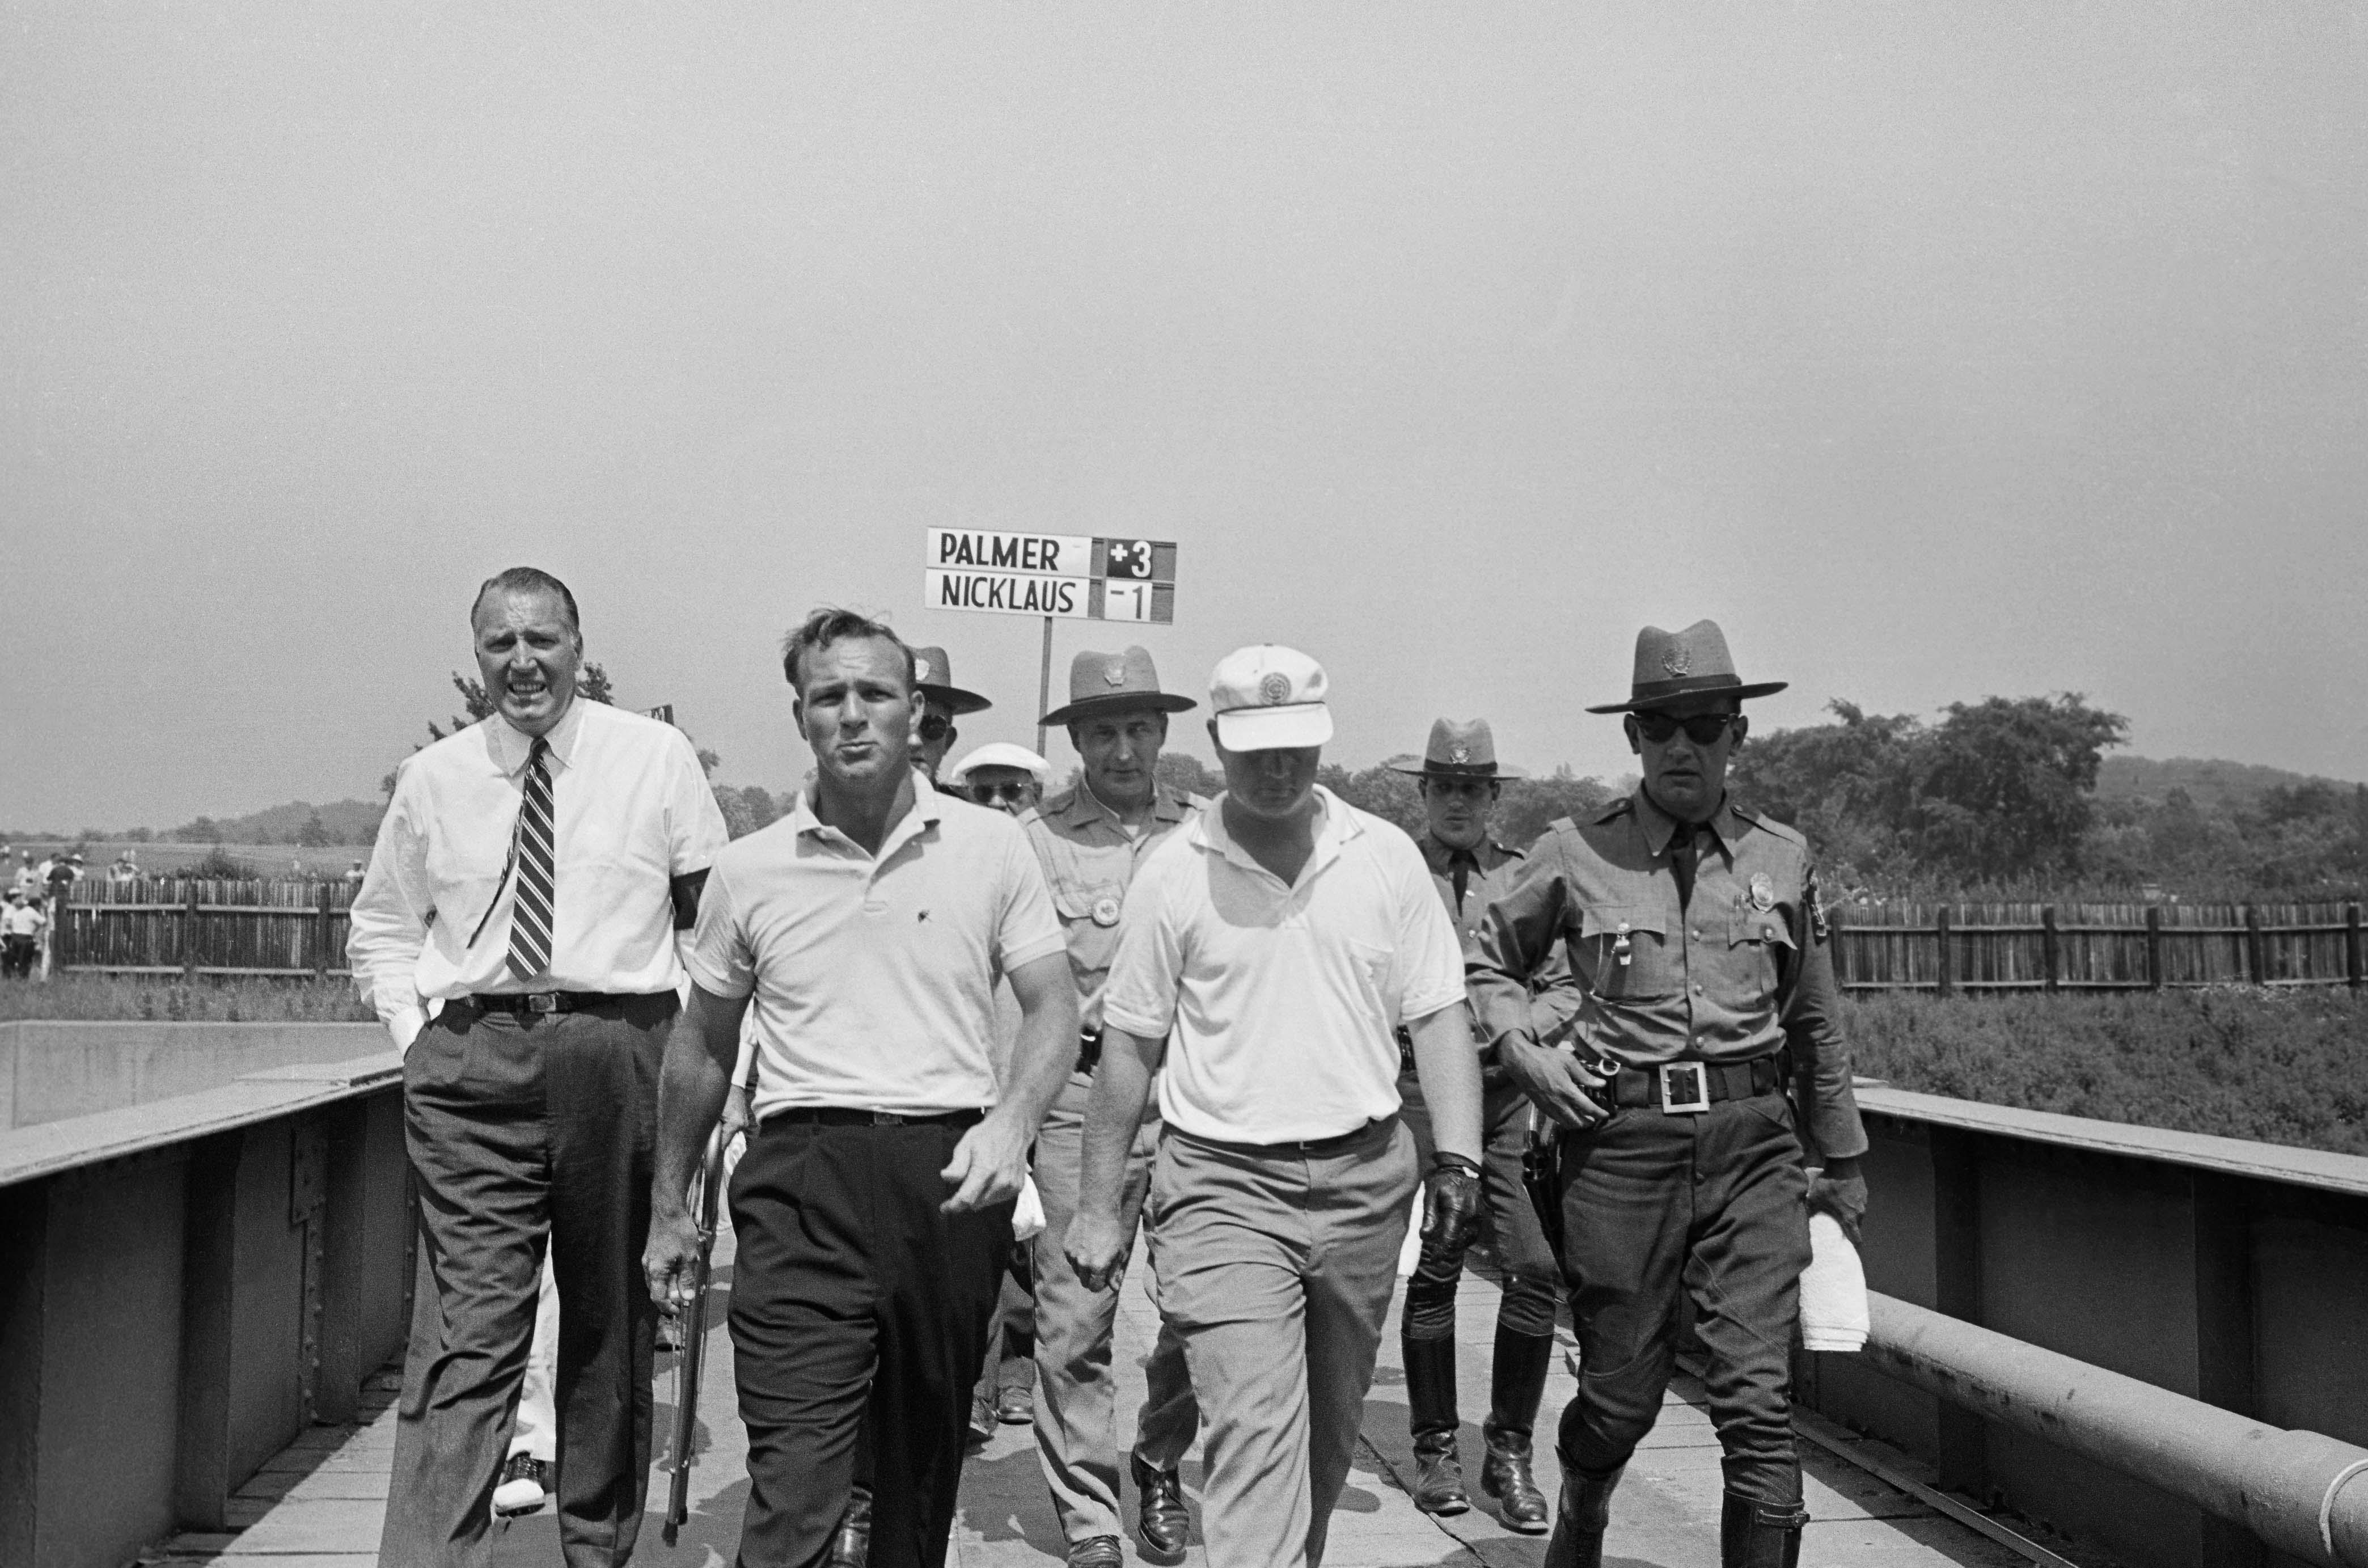 1962 U.S. Open